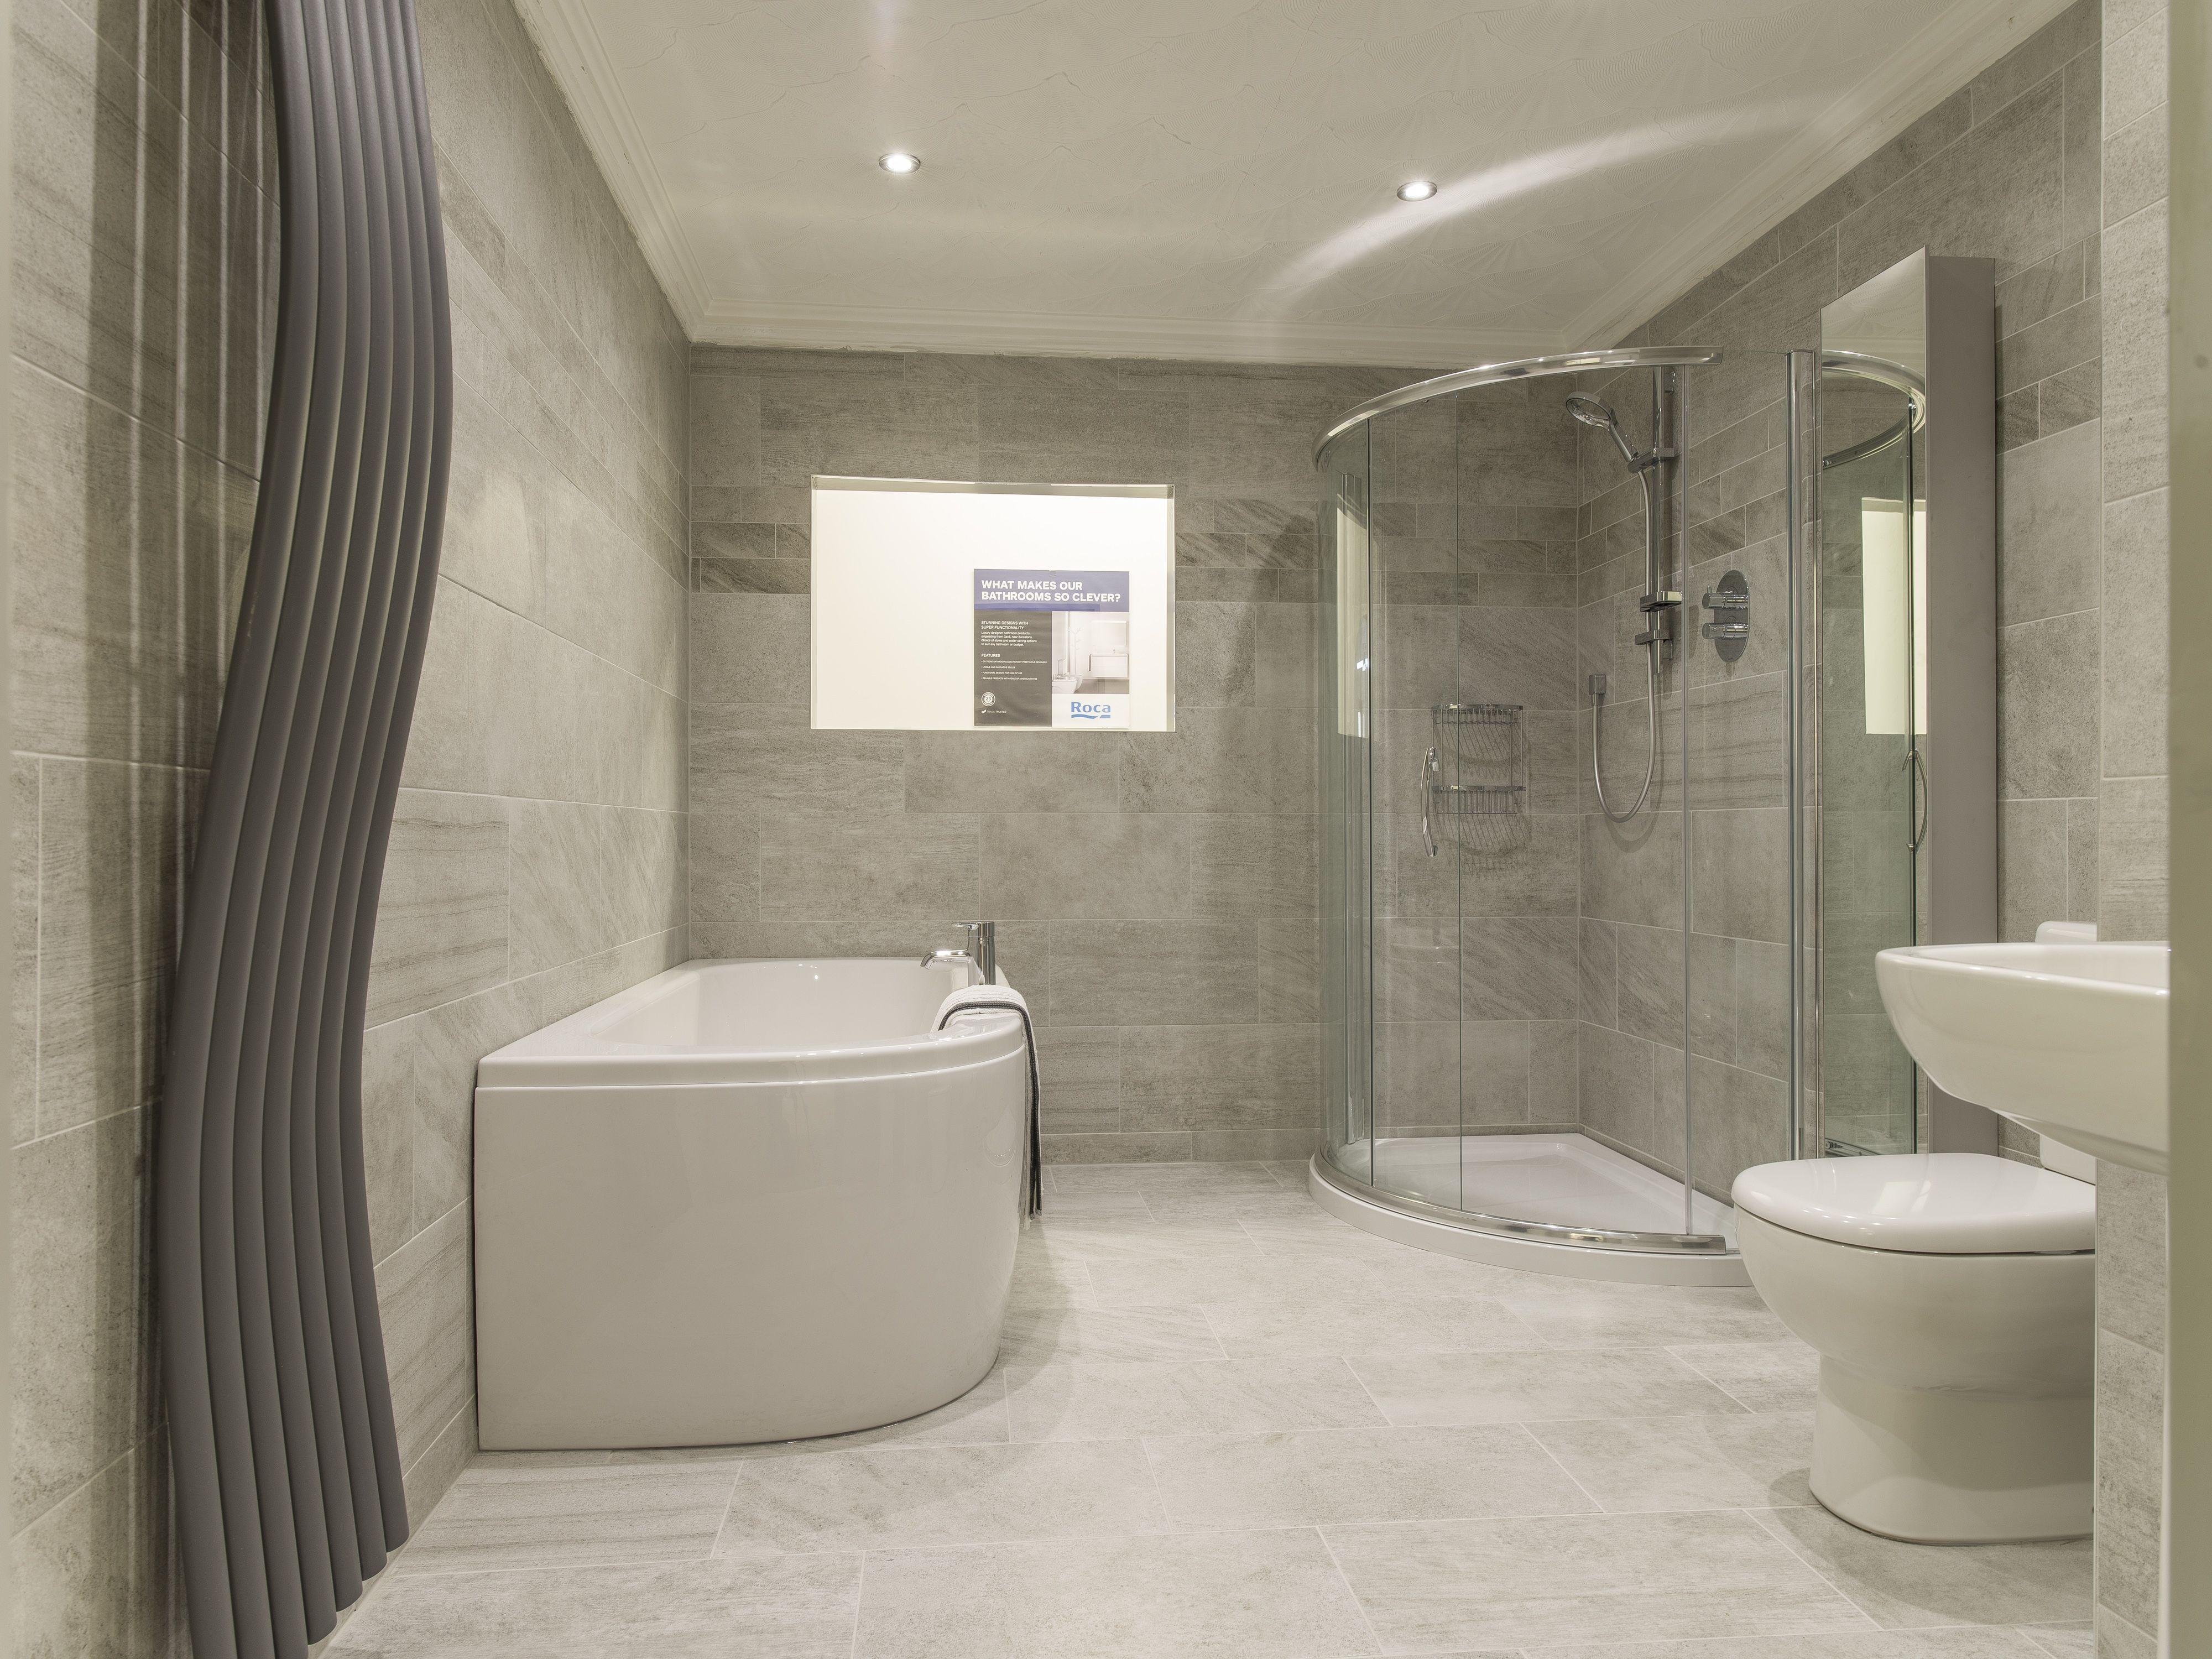 Bathroom showrooms Cannock with bathroom showrooms Chorley with bathroom showrooms Canterbury TSNGQLH